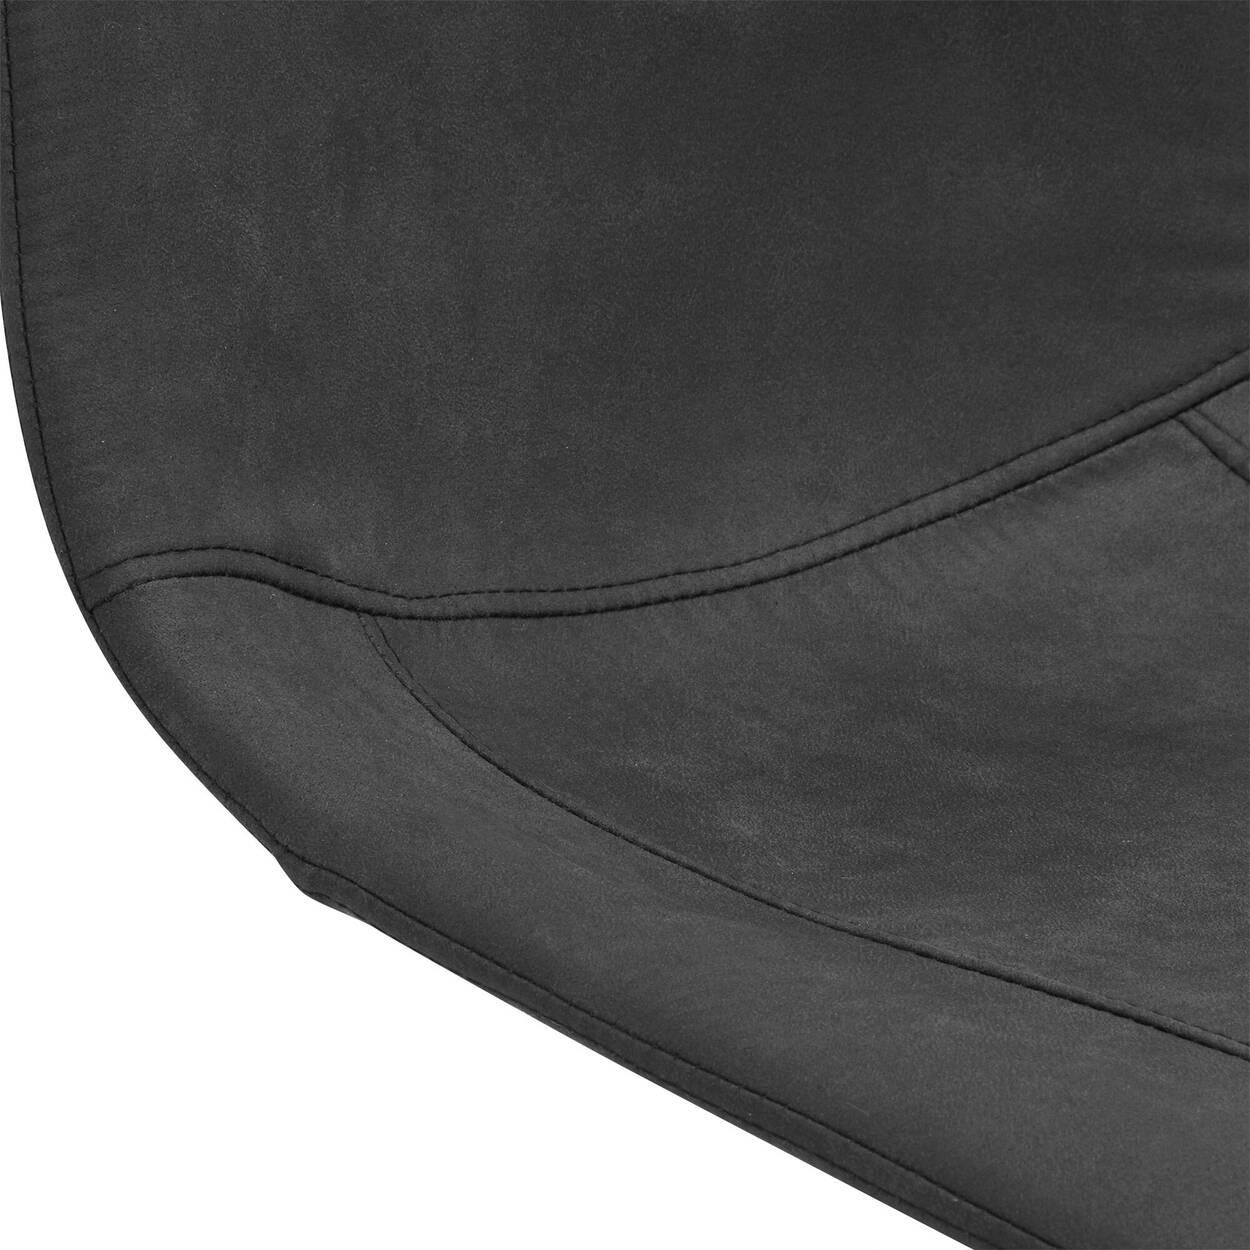 Tabouret de bar ajustable en similicuir texturé et en métal